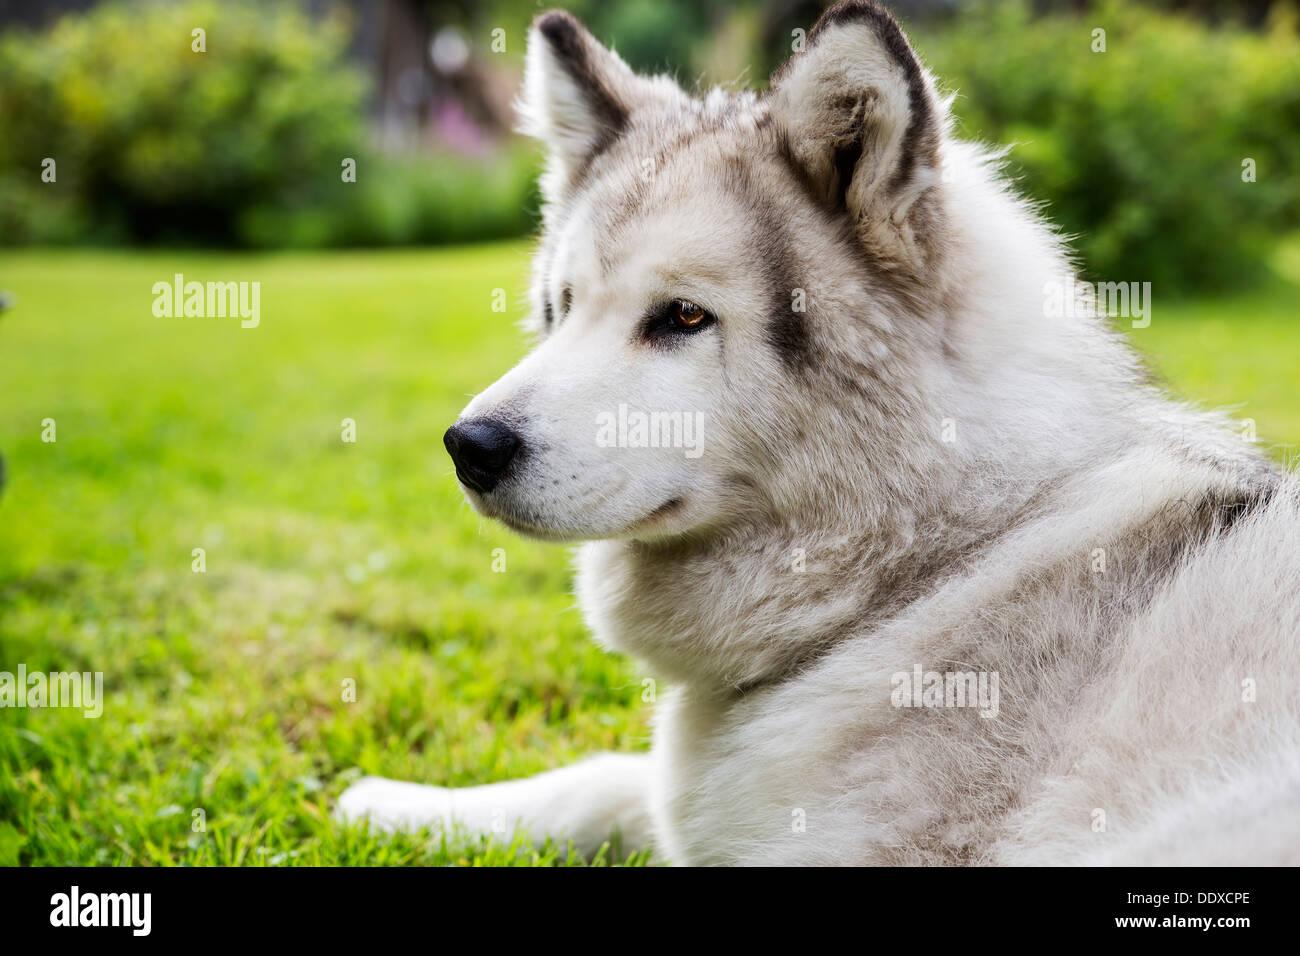 Mit weißem Fell Hund friedlich lag im Garten Stockbild